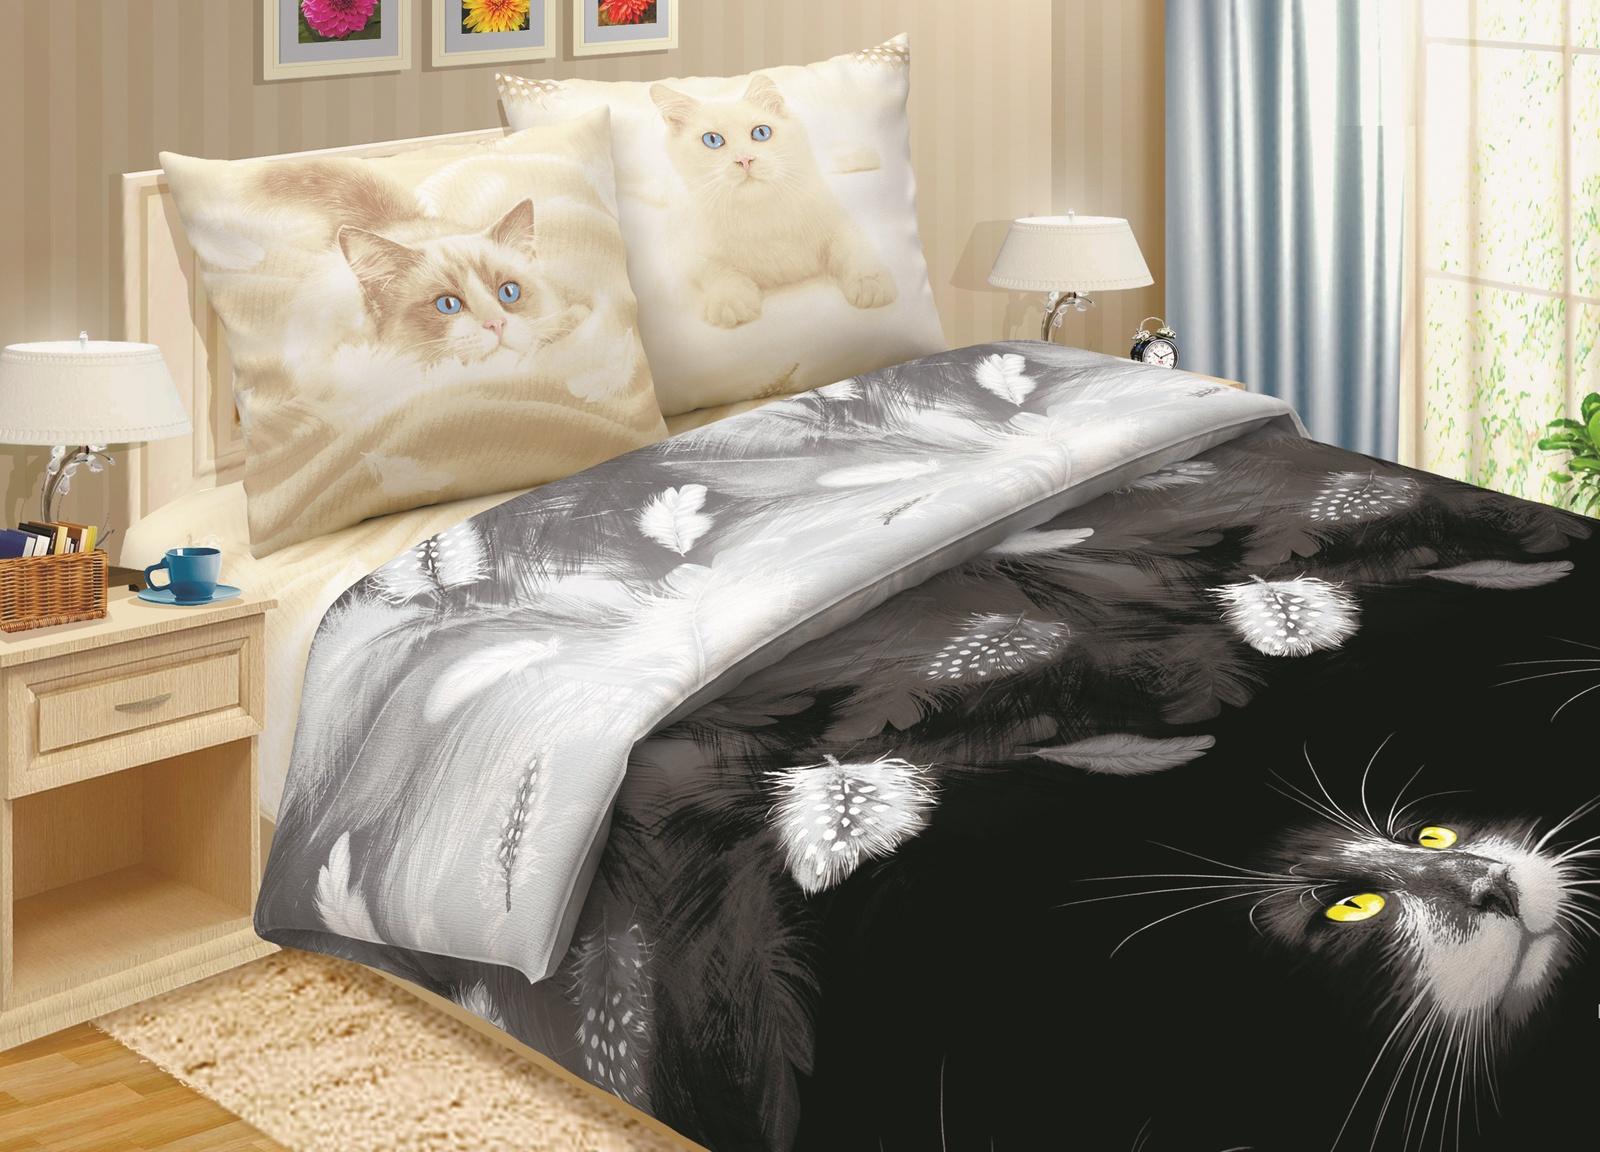 Комплект постельного белья ТК Традиция Pastel, для сна и отдыха, 1203/Ласка, черно-серый